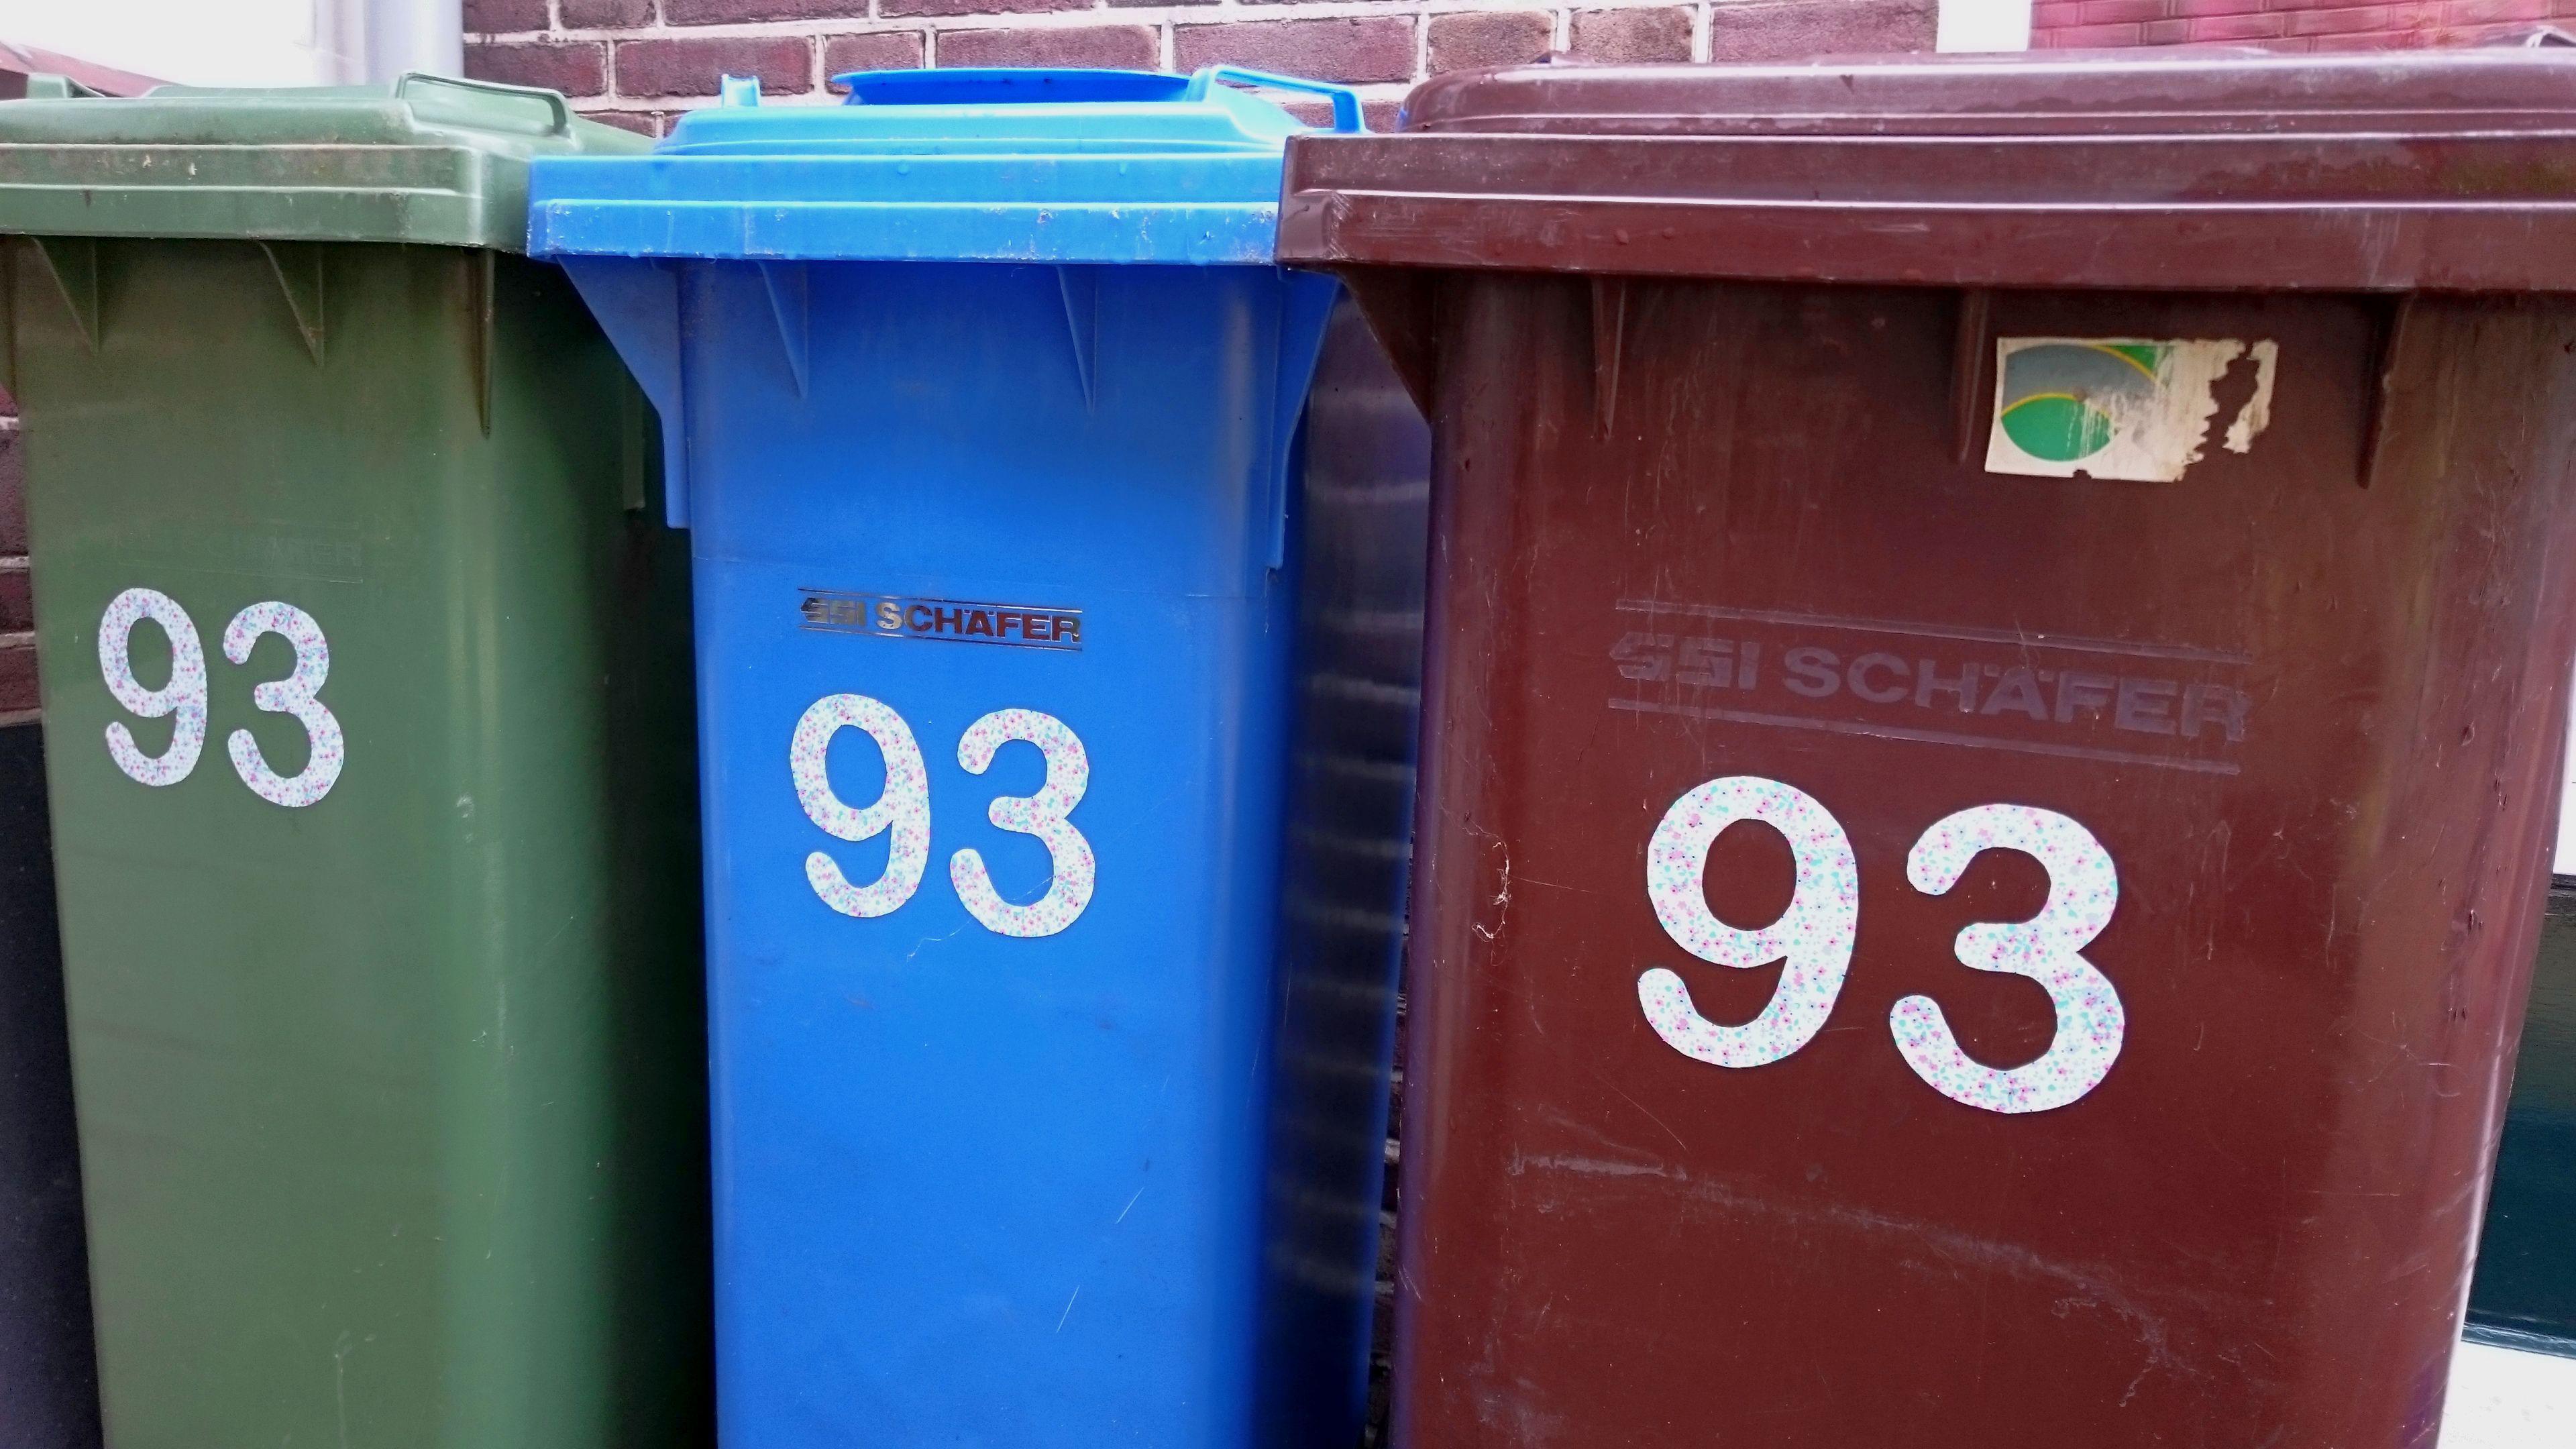 Gemeenteraad Velsen niet overtuigd van recycletarief, 'Ontheffingencircus is niet grappig, nog te veel onduidelijk'